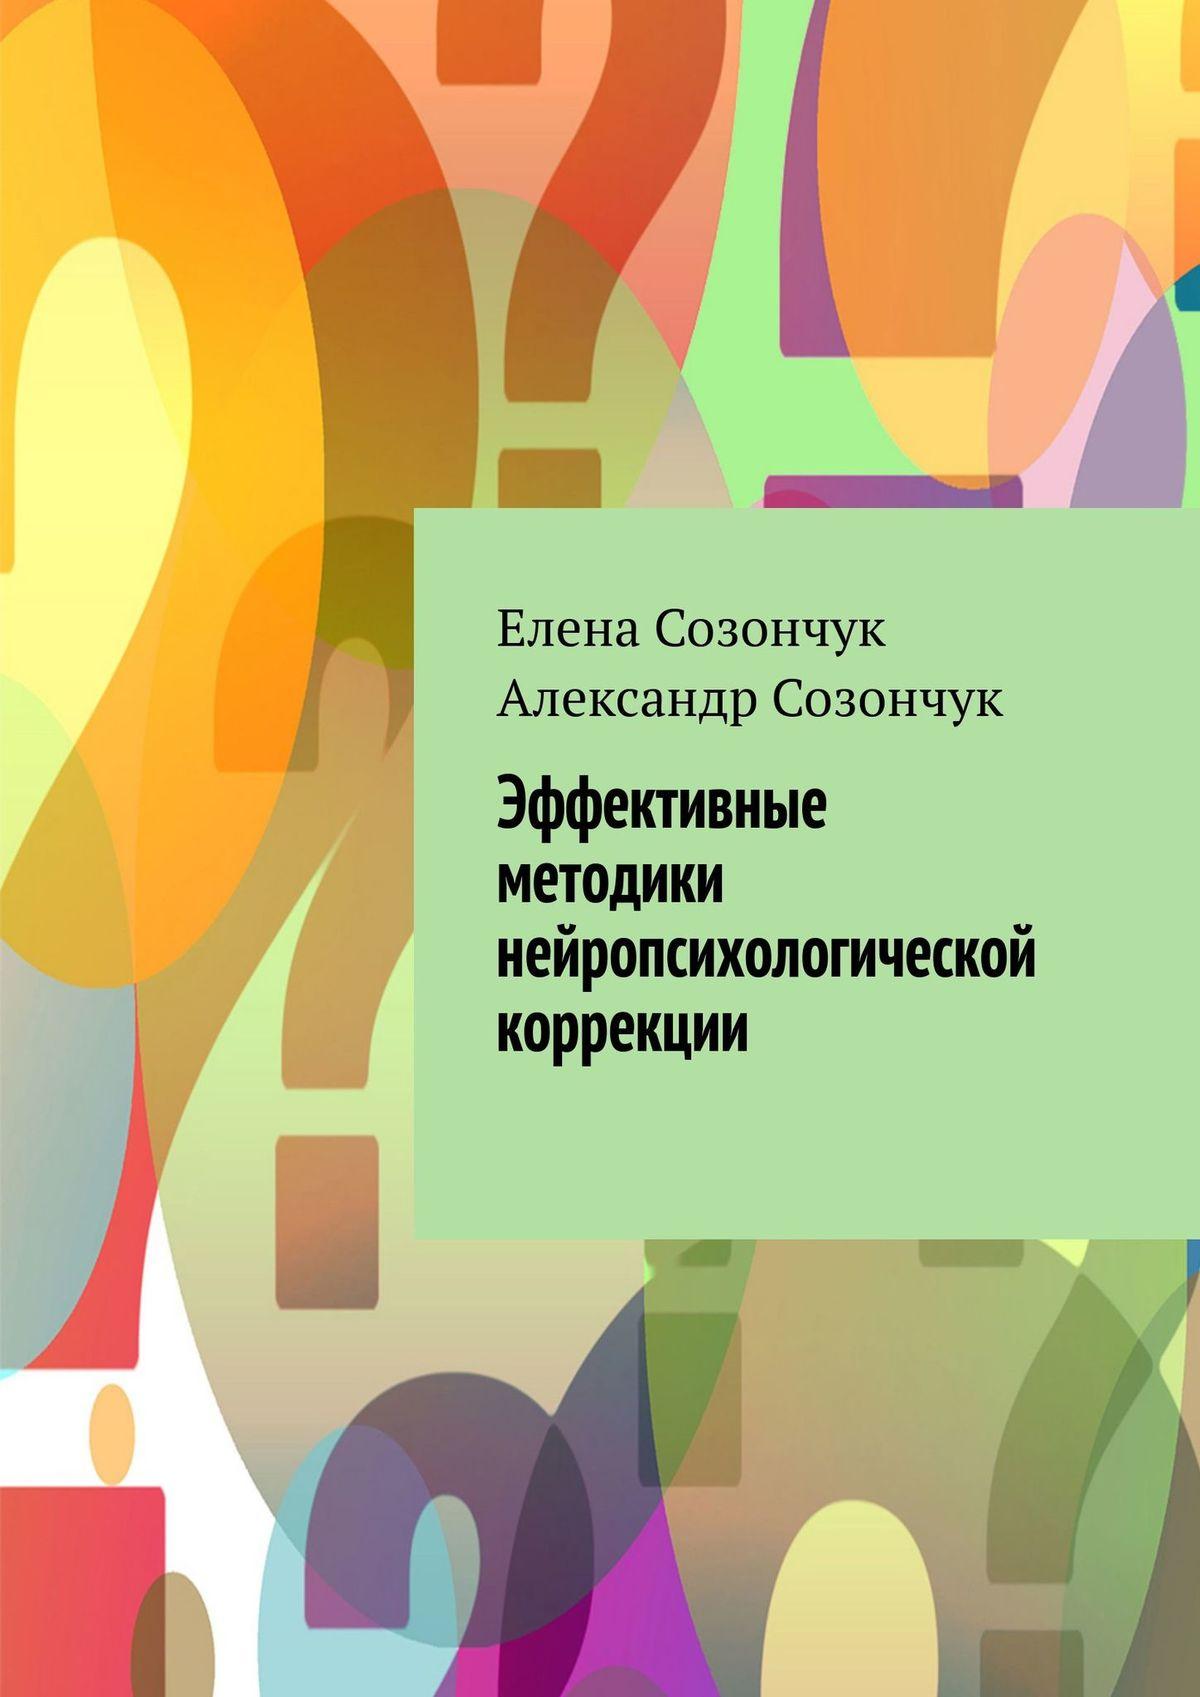 Елена Созончук Эффективные методики нейропсихологической коррекции елена мареева зрительный обман или всё о визуальной коррекции фигуры